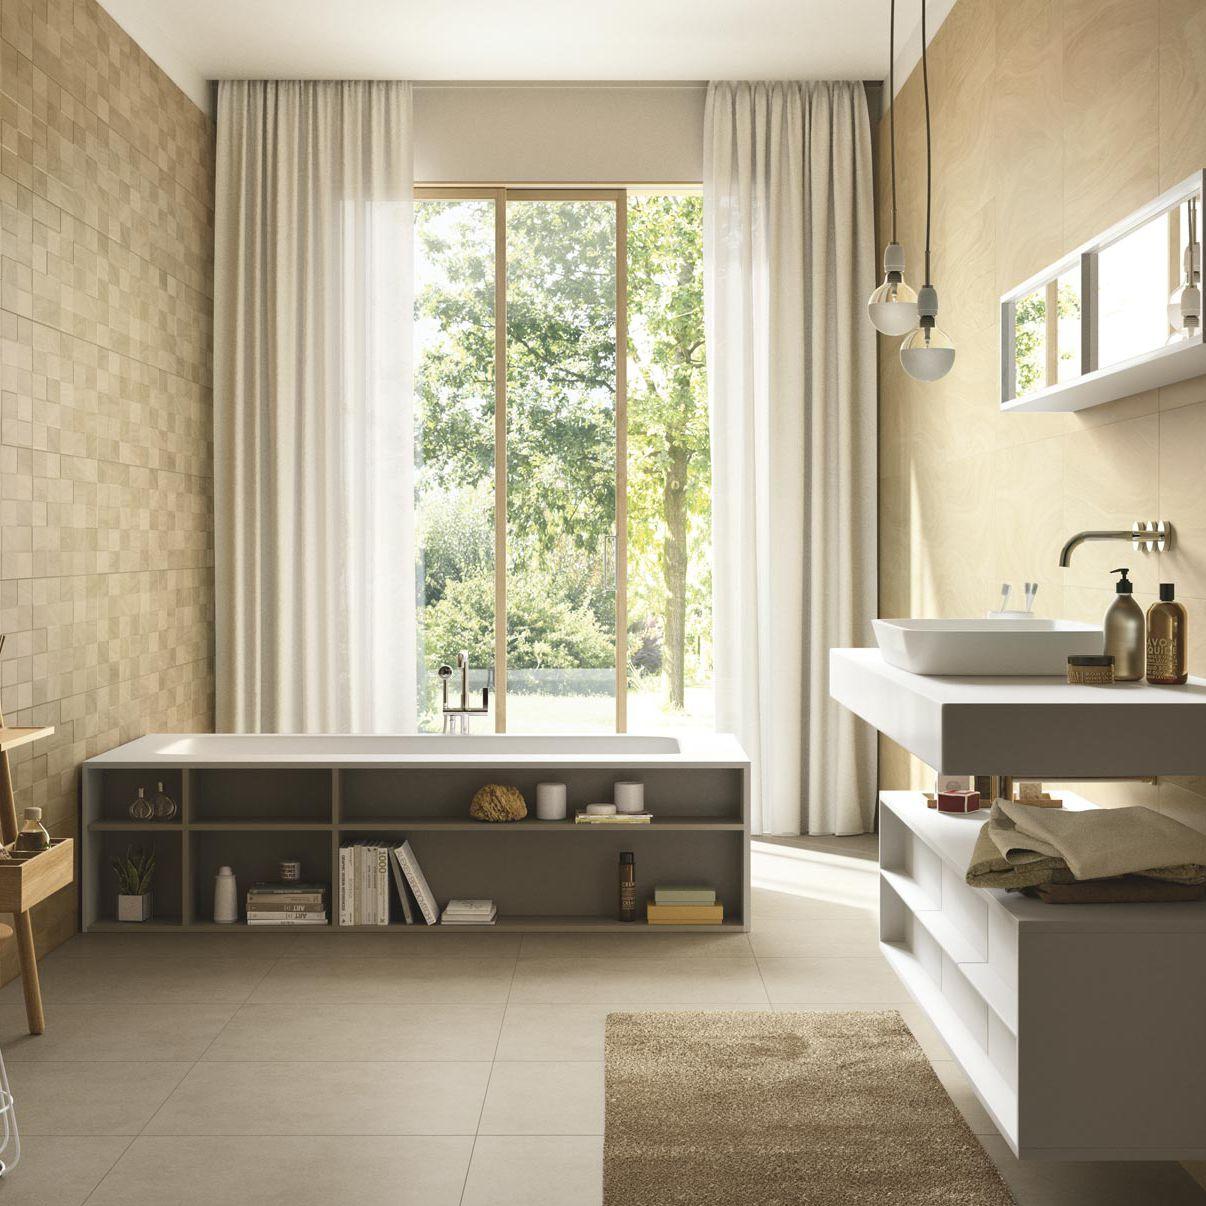 Fliese für badezimmer / wandmontiert / aus keramik / poliert ...